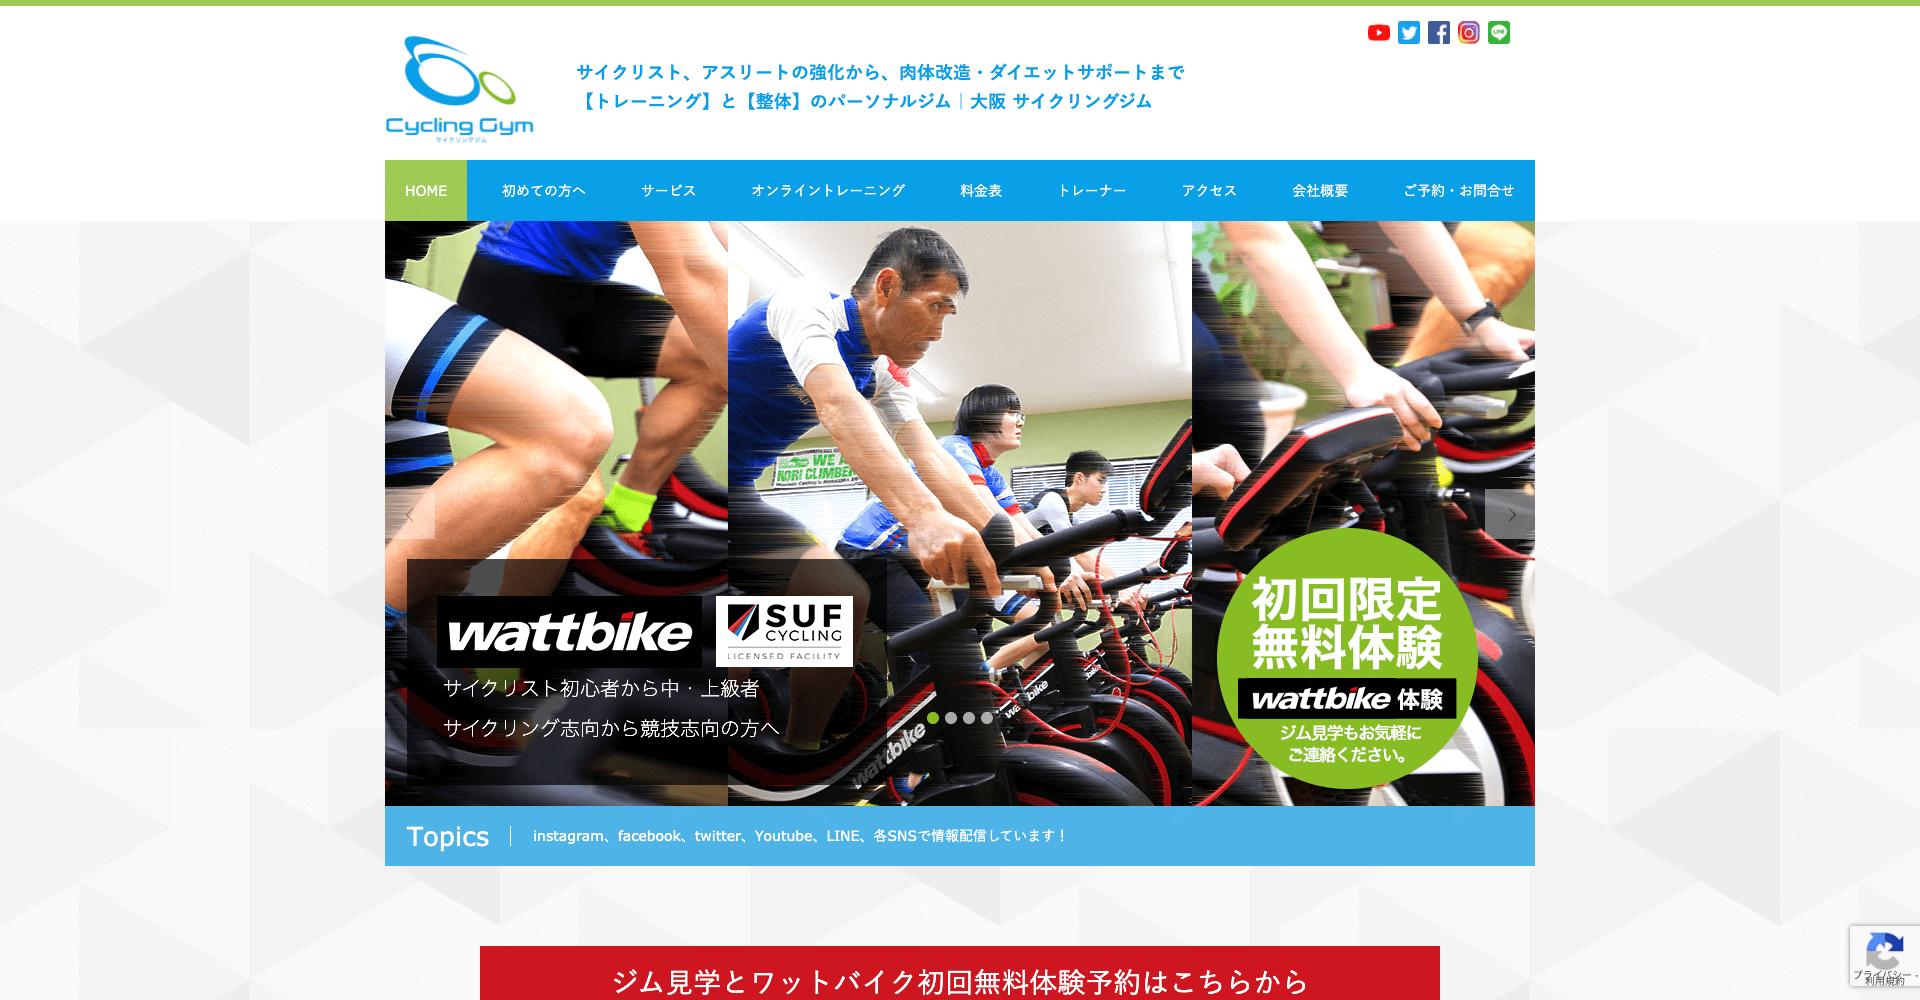 大阪市生野区サイクリングジム-Cycling-Gym トレーニングジム・自転車(wattbike設置・ボディメイク・リハビリ・サイクリスト用等)